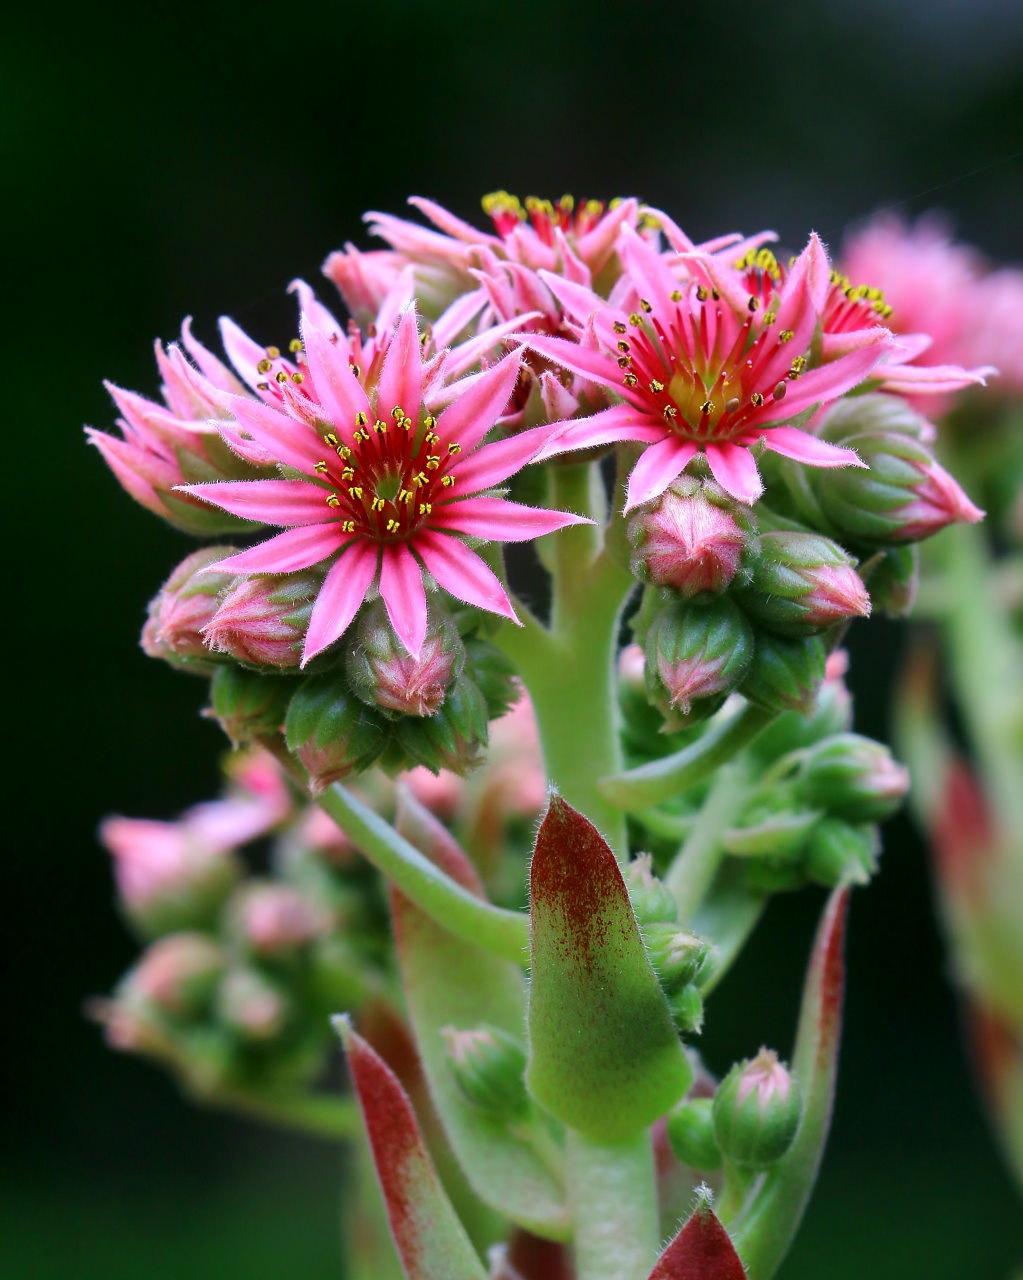 梅雨さ中 またまたレイクガーデンで花や虫_c0305565_17505972.jpg